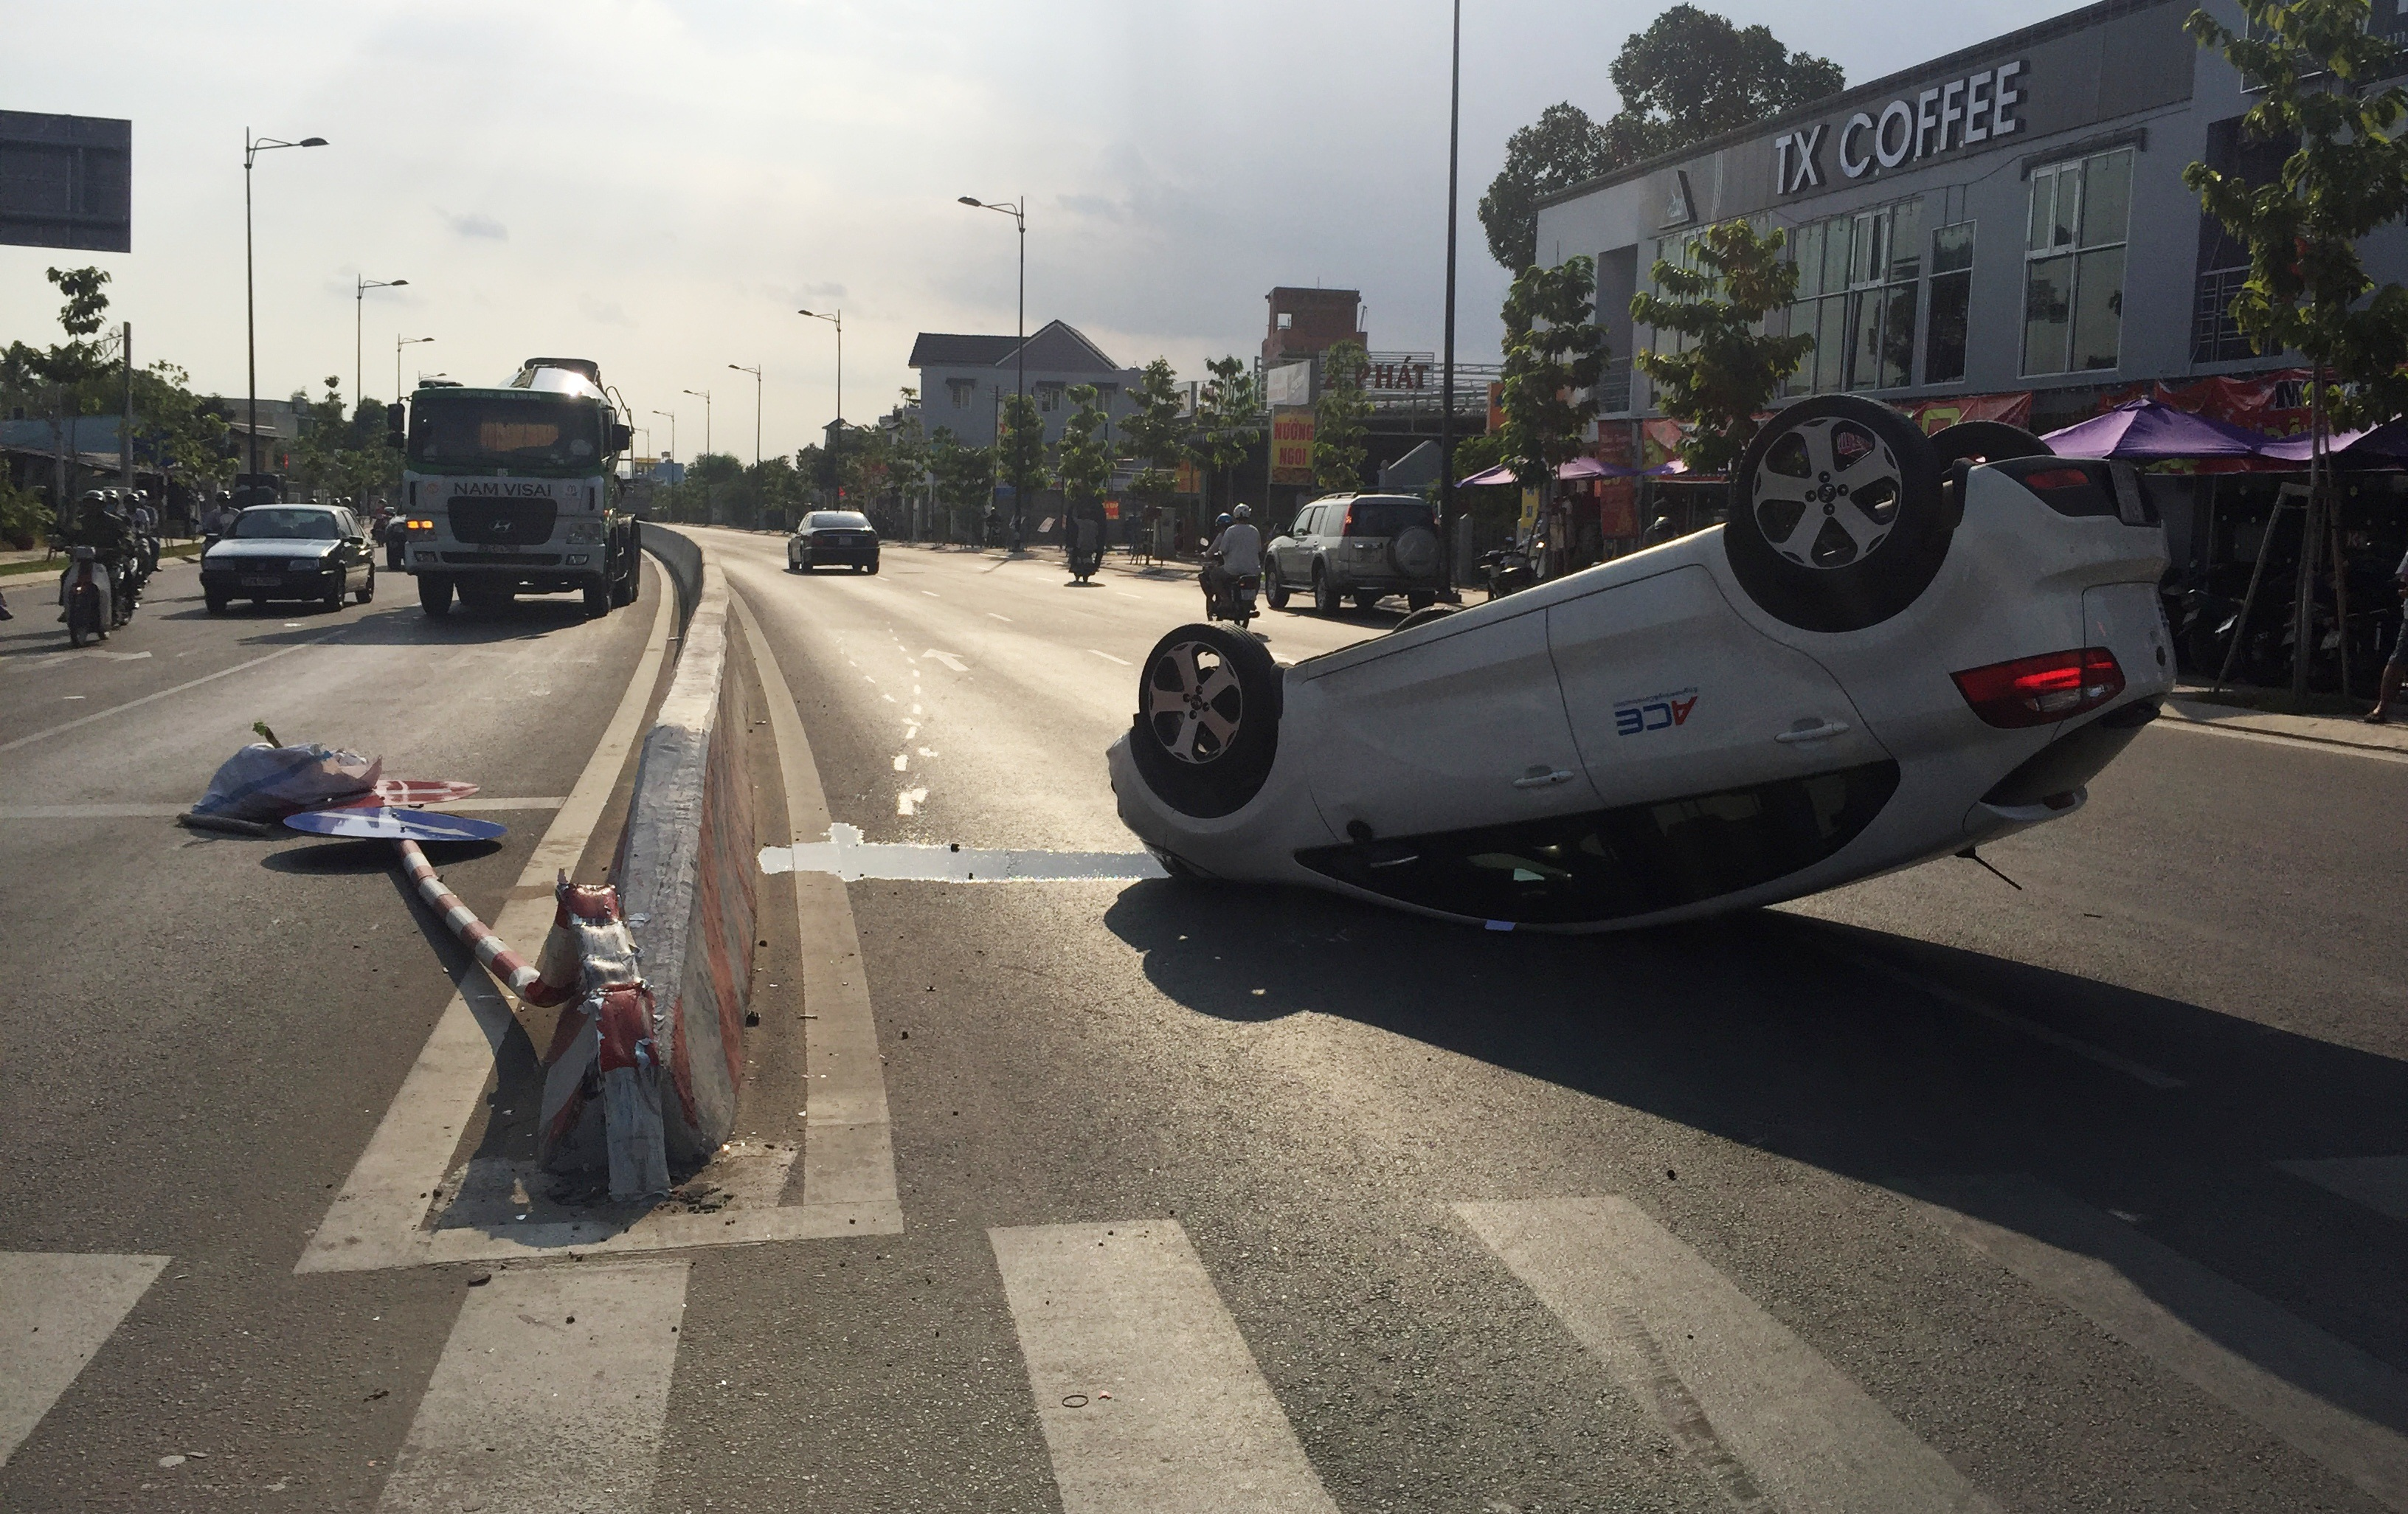 Chiếc du lịch 4 chỗ bất ngờ lao vào dải phân cách, tông gãy biển báo giao thông rồi lật ngữa giữa đường Phạm Văn Đồng.